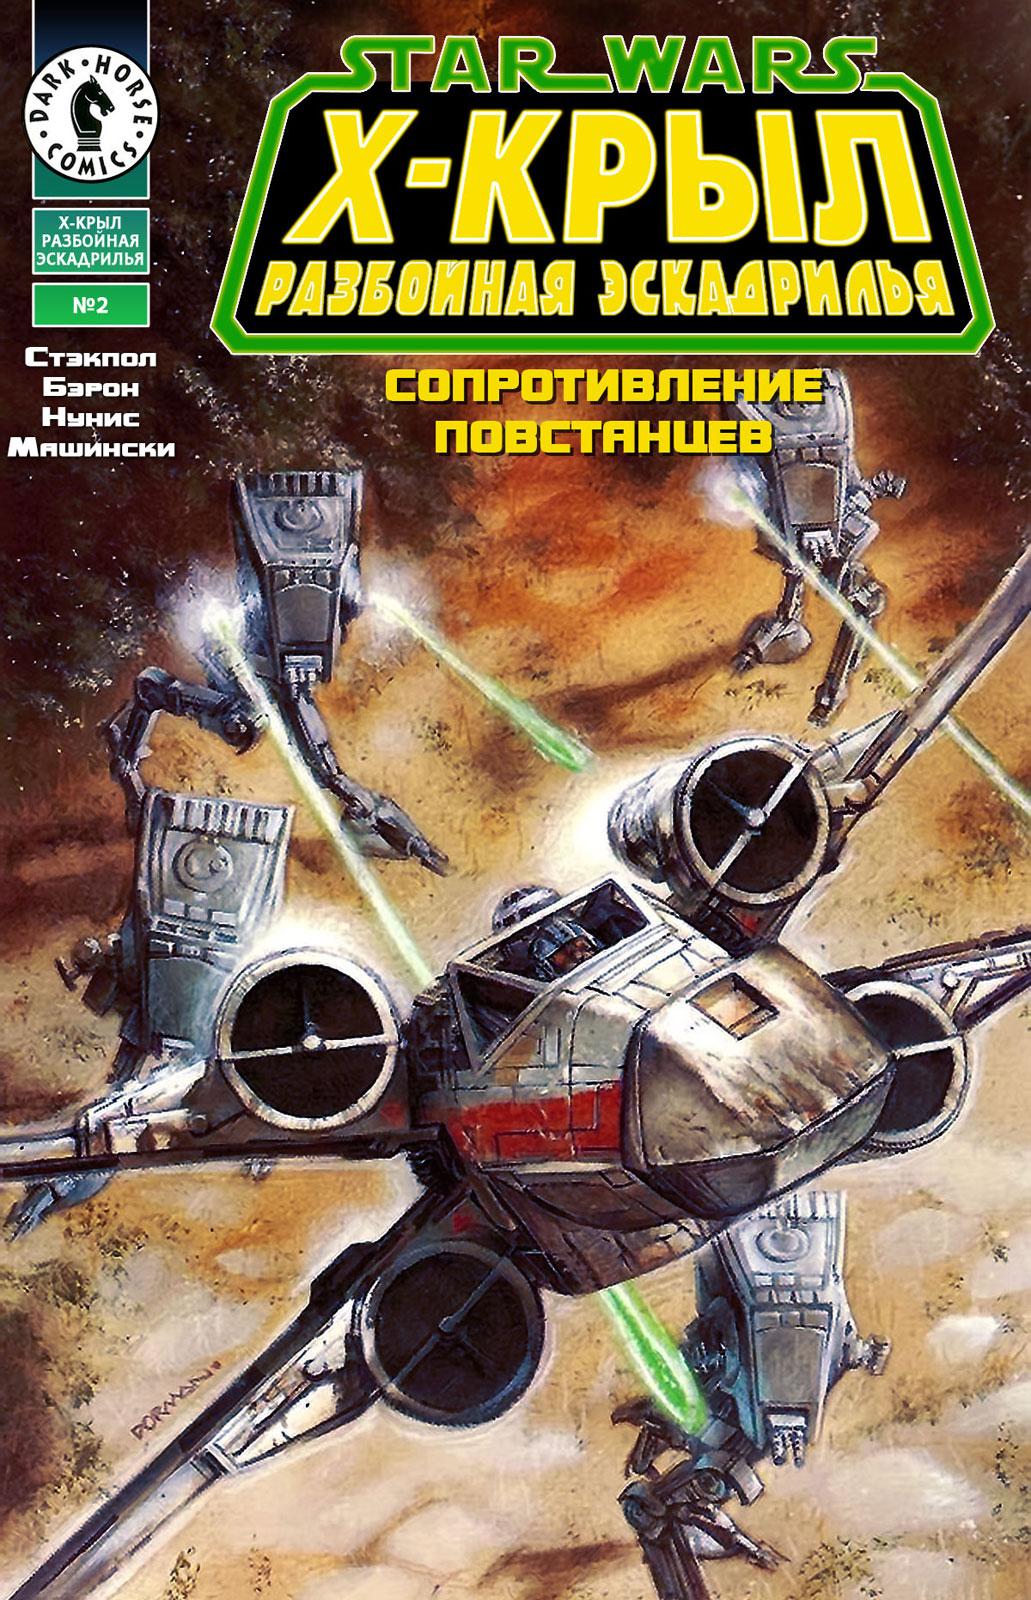 X-wing. Разбойная эскадрилья 2: Сопротивление повстанцев, часть 2